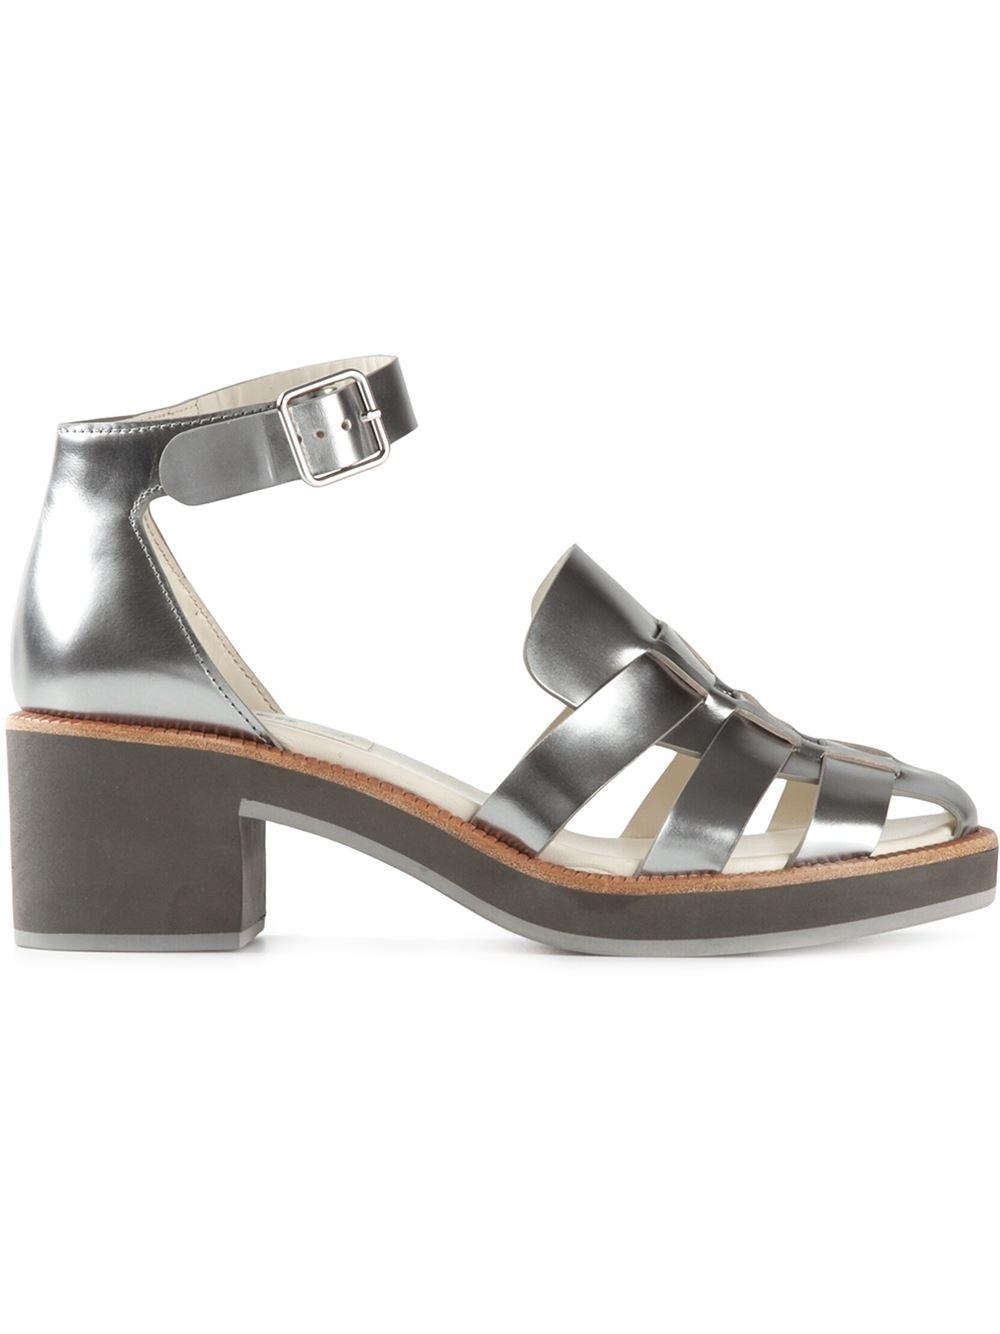 Jil Sander Navy Block Heel Metallic Sandals In Silver